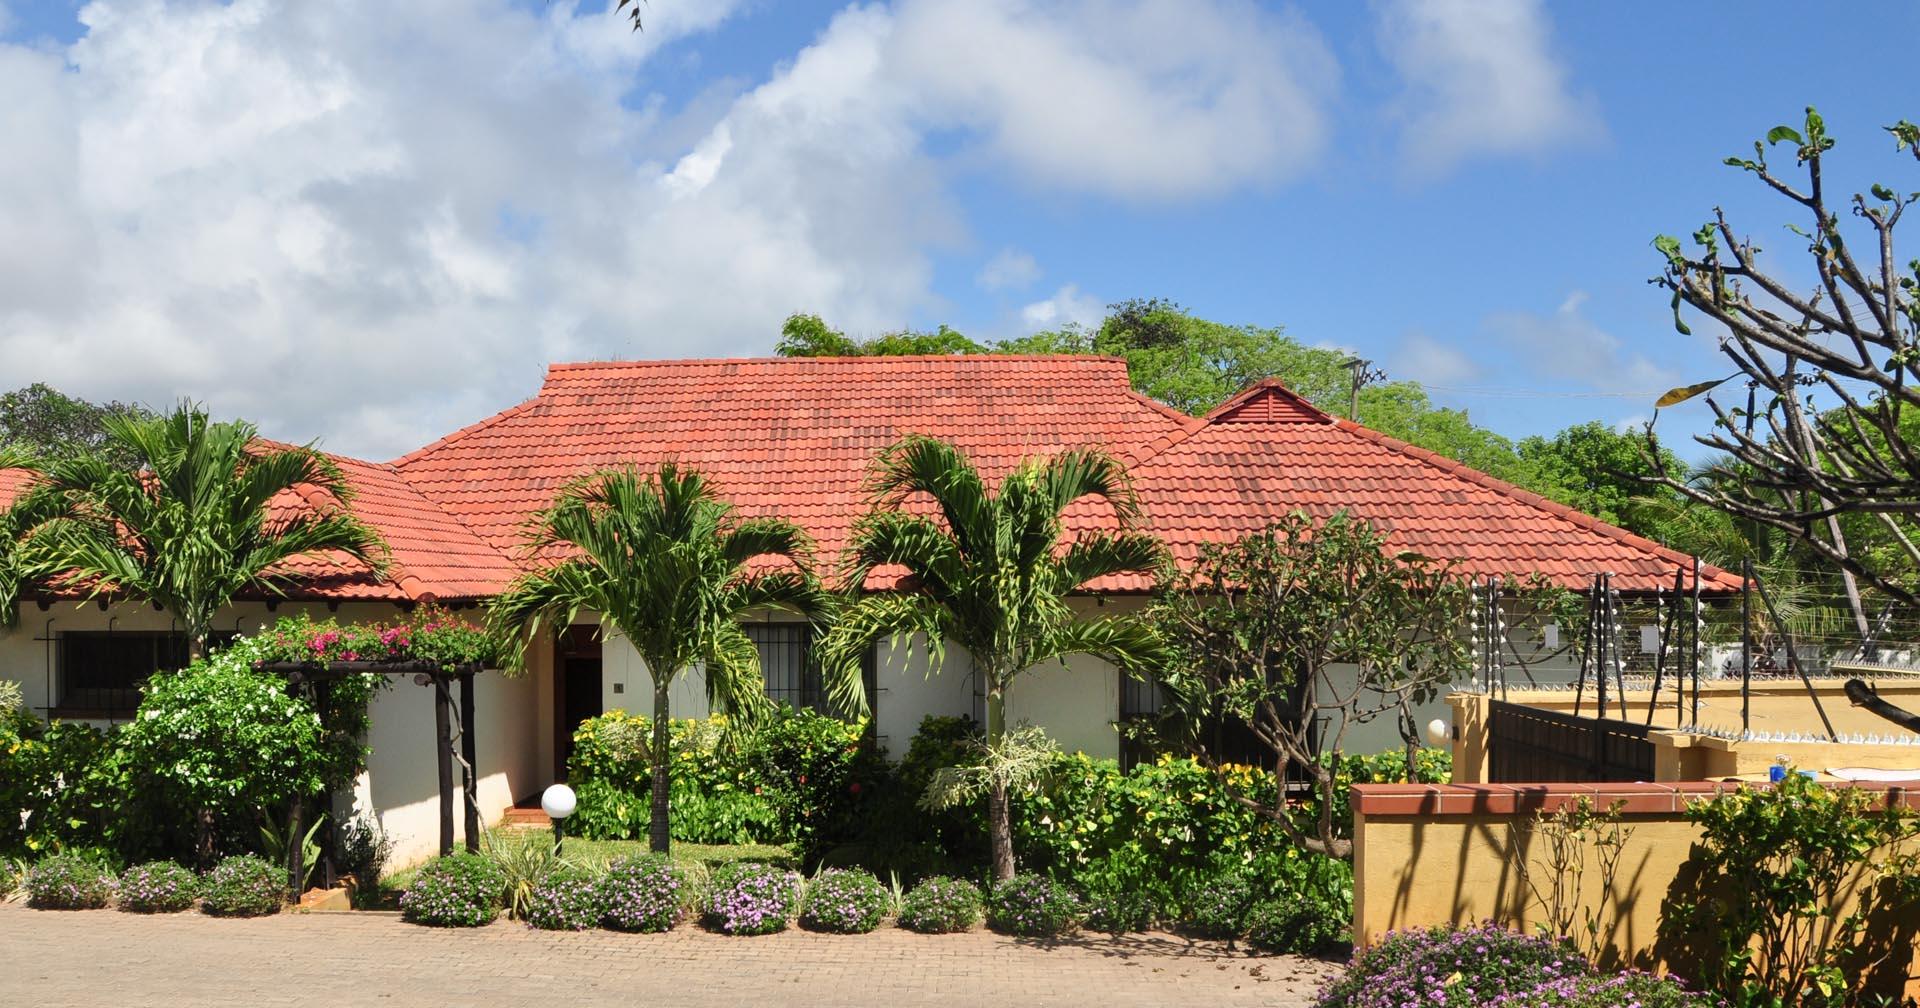 Stunning House in Dar es Salaam